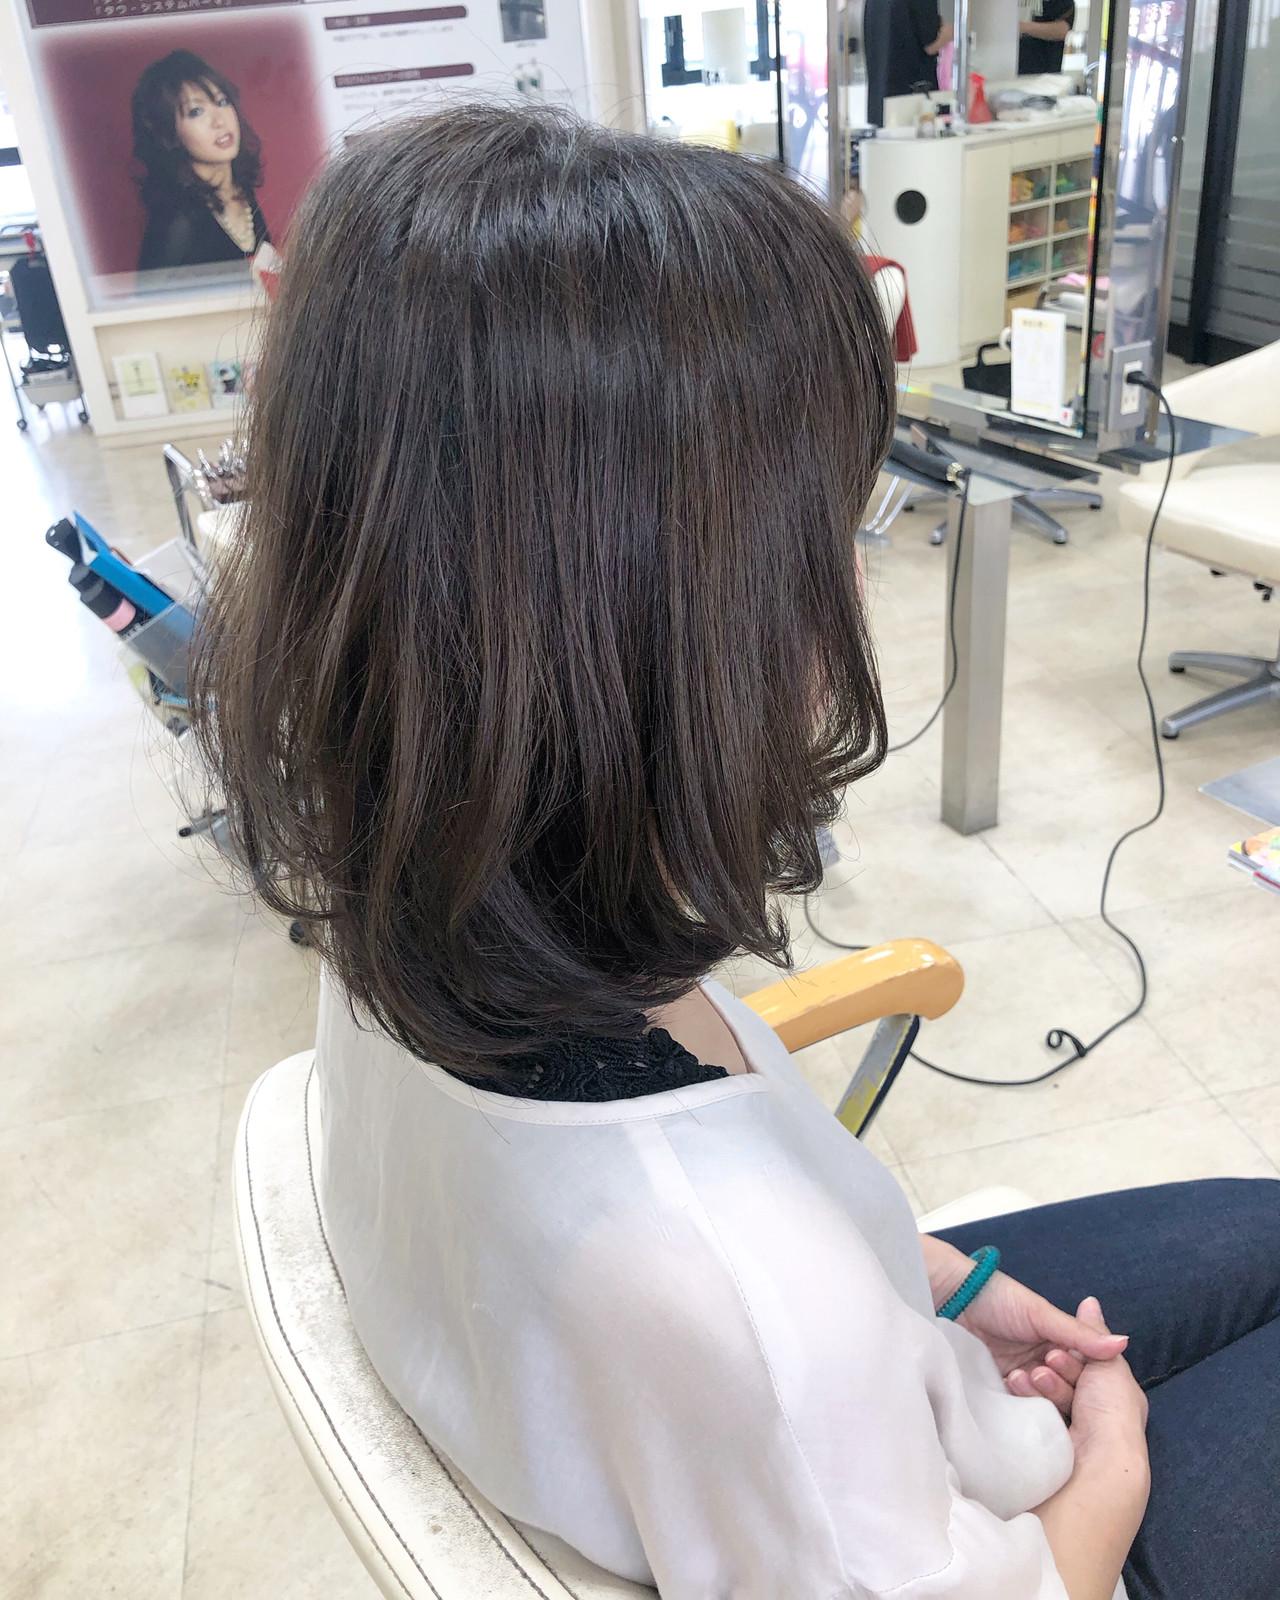 グラデーションカラー ダメージレス ナチュラル 簡単ヘアアレンジ ヘアスタイルや髪型の写真・画像   奥野 和広 / TERRACE LUXBE